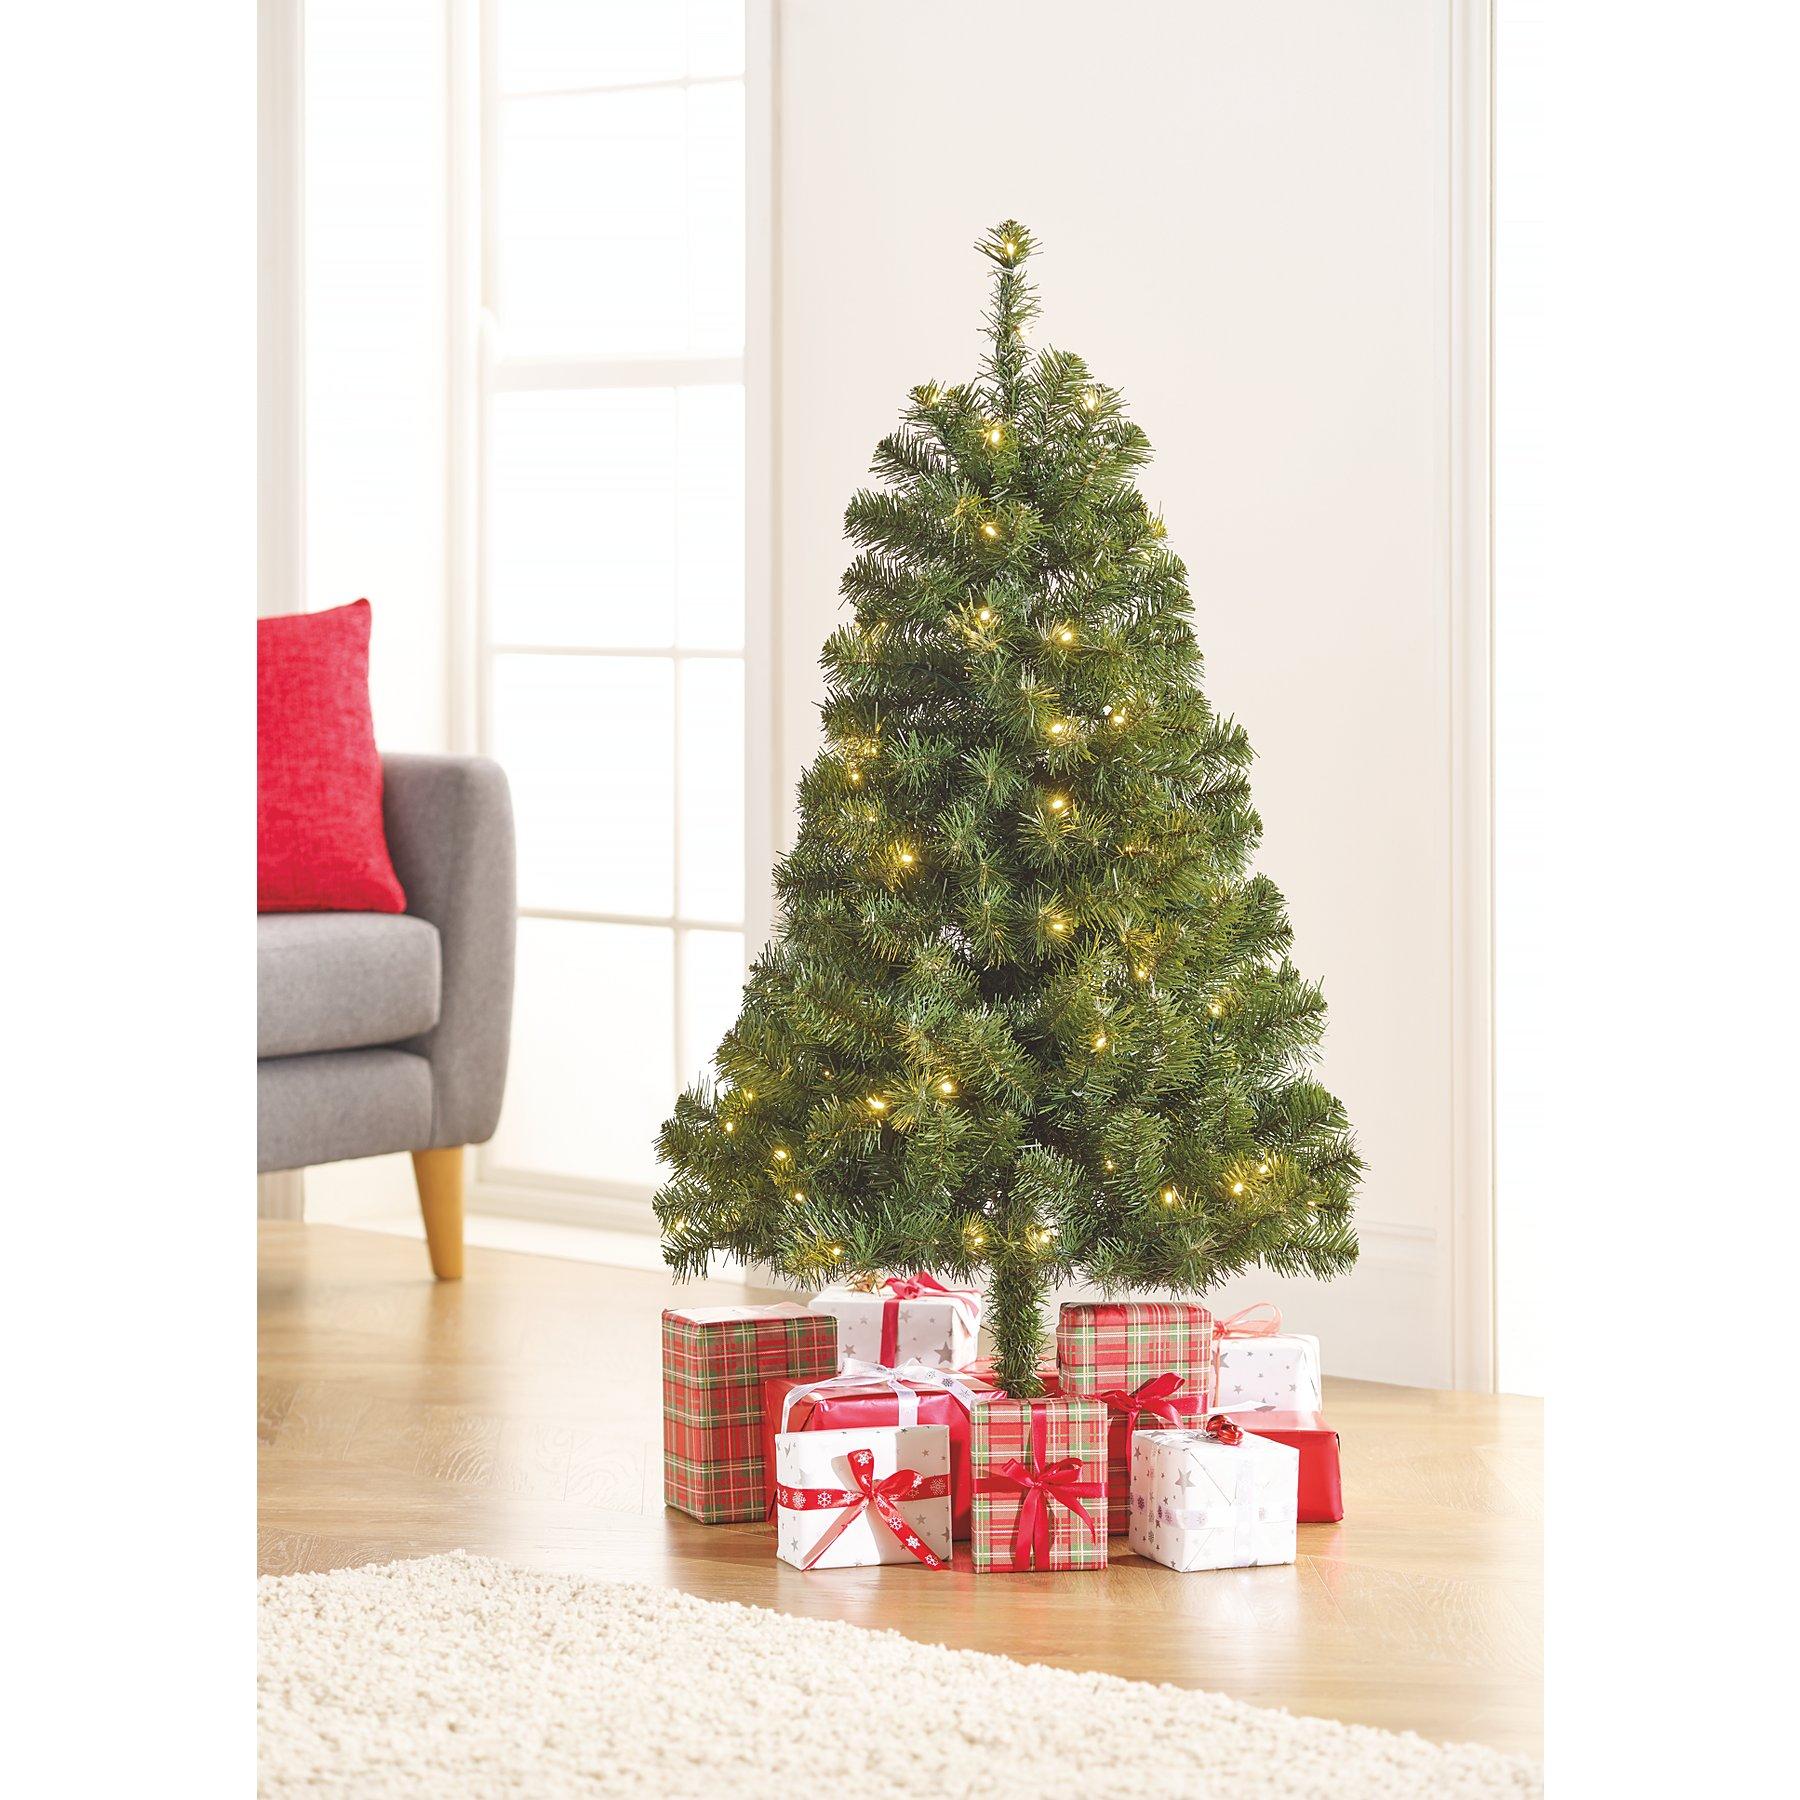 4 Ft Christmas Tree.4ft Pre Lit Christmas Tree